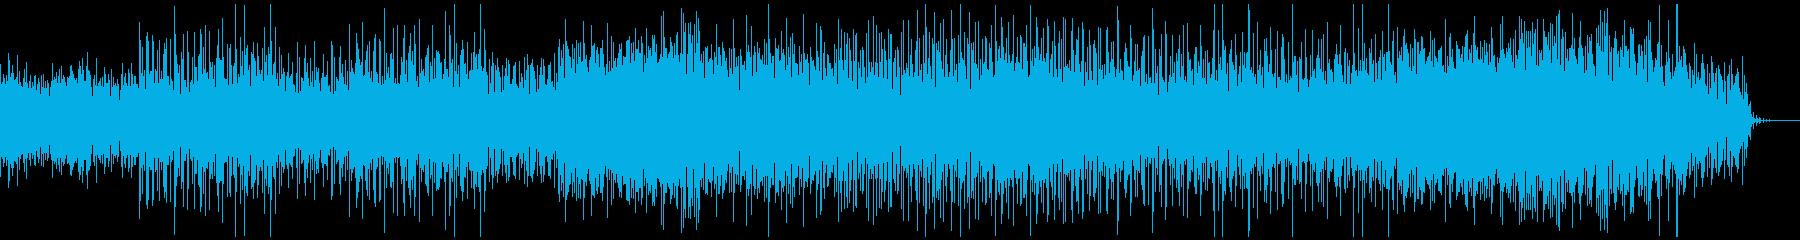 中央アジア シルクロード 民族+電子音楽の再生済みの波形